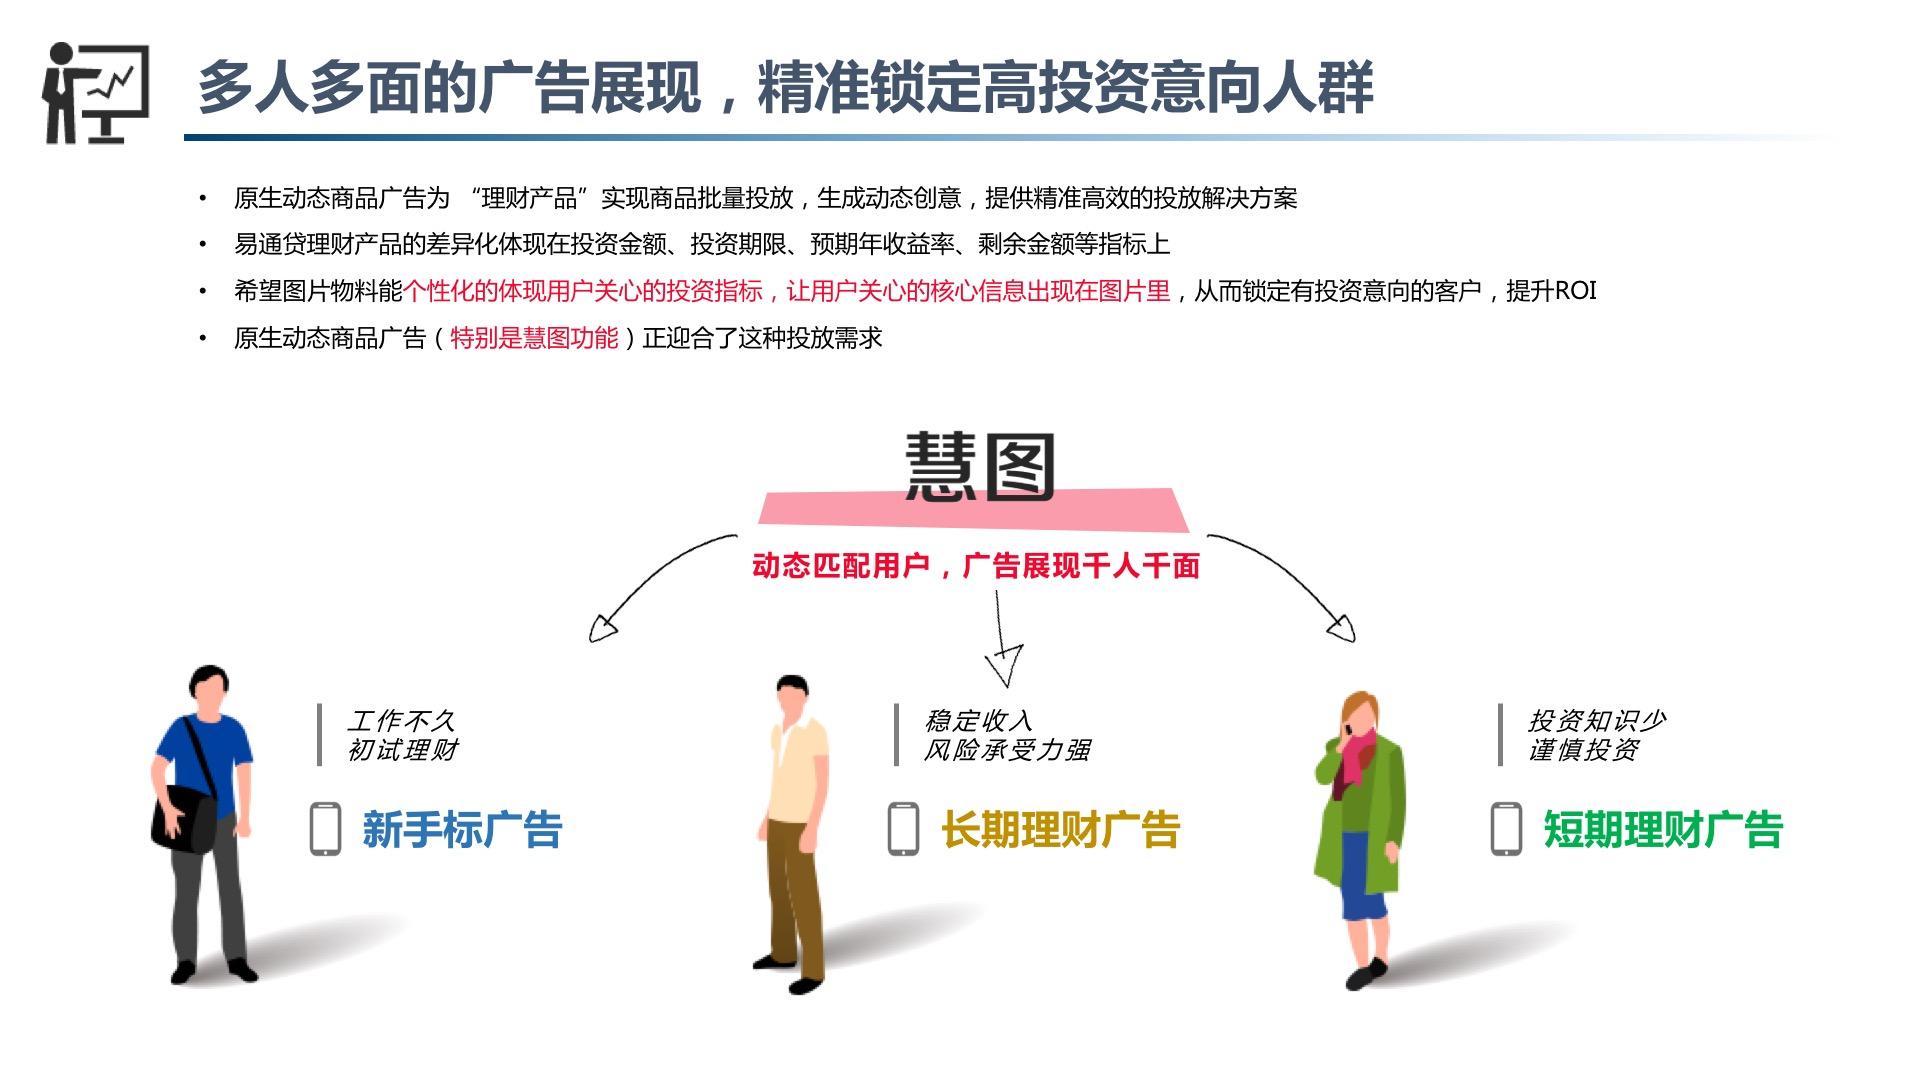 北分-金融服务-bj易通贷-张欣1.jpg